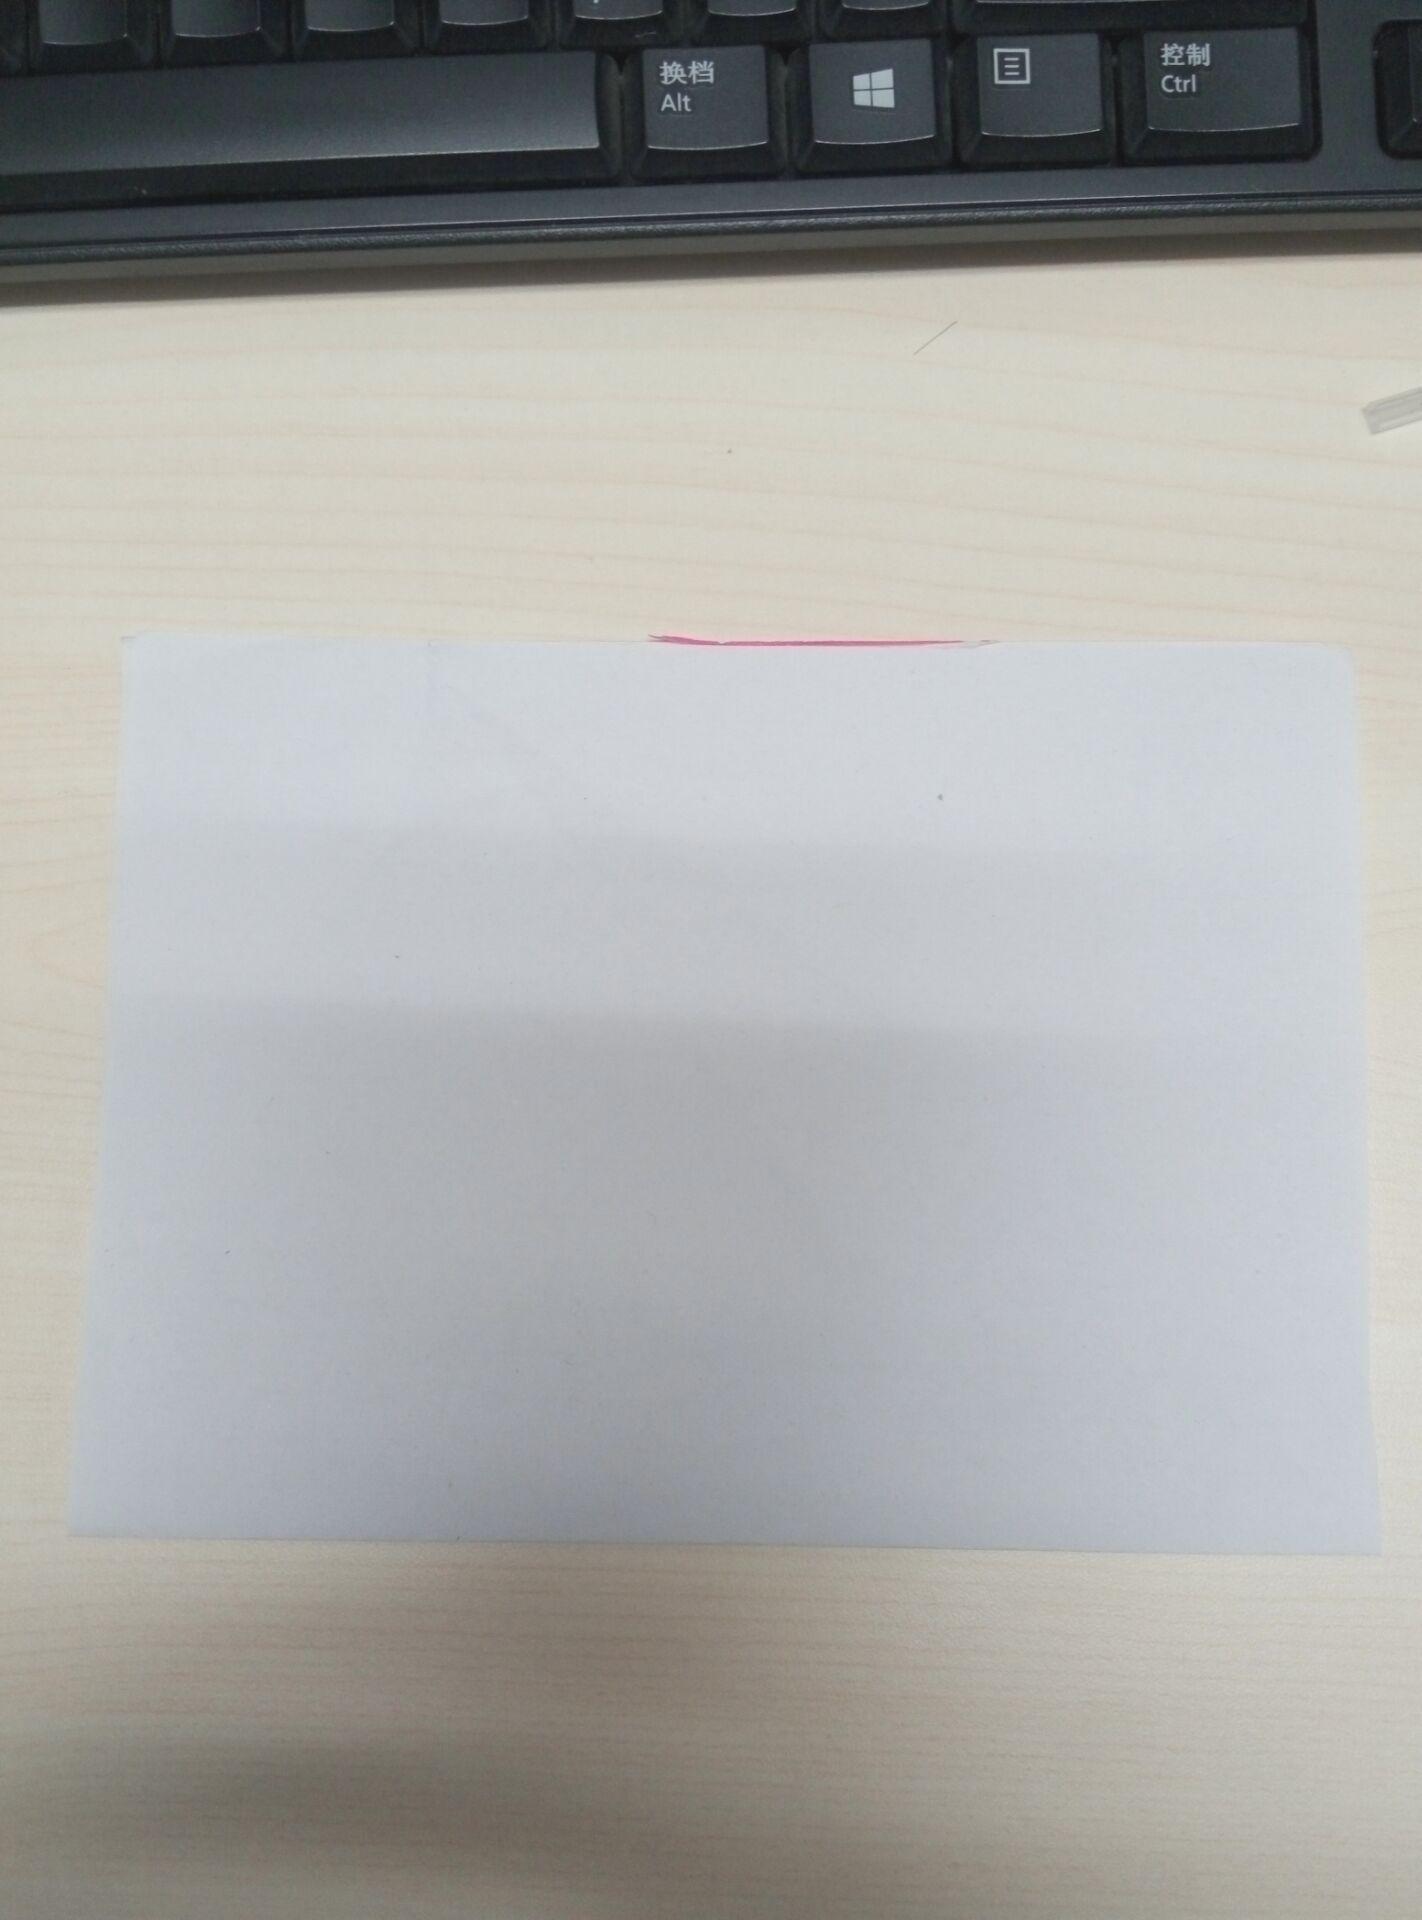 怎么样折信封 又快又好